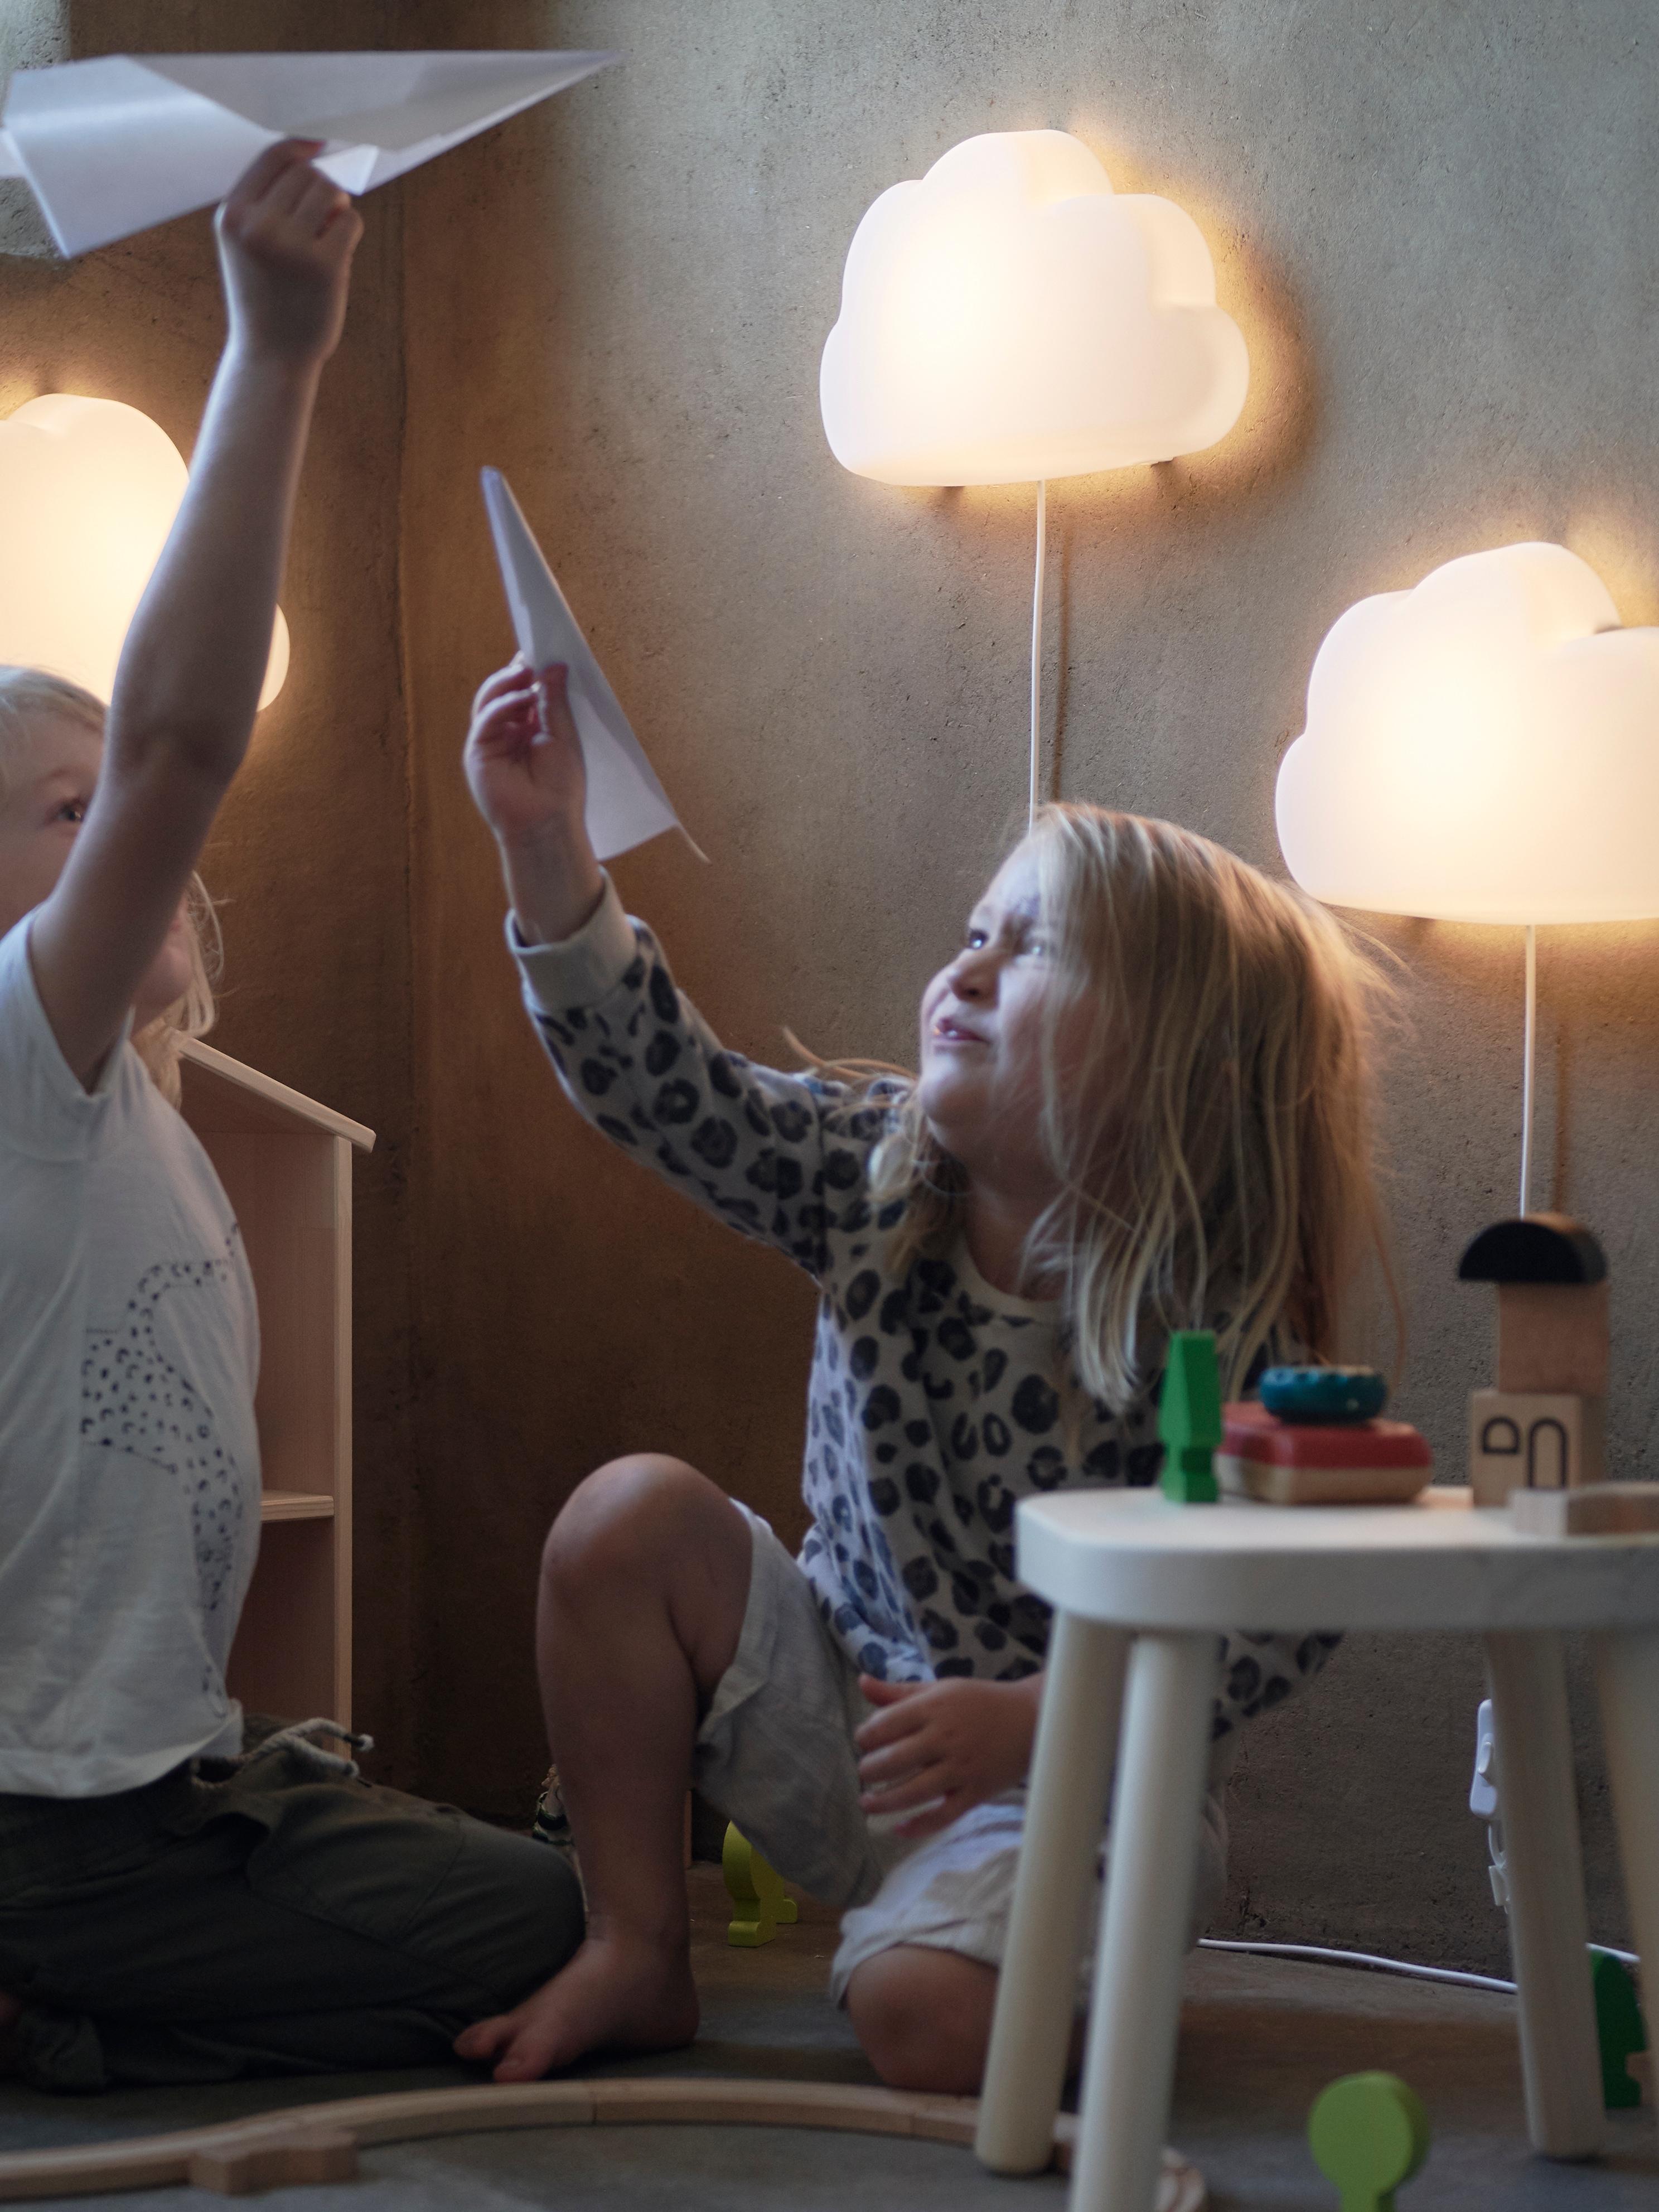 Due ragazze che giocano con aeroplani di carta davanti all'illuminazione a parete, accanto a uno sgabello di legno bianco con sopra dei giocattoli.